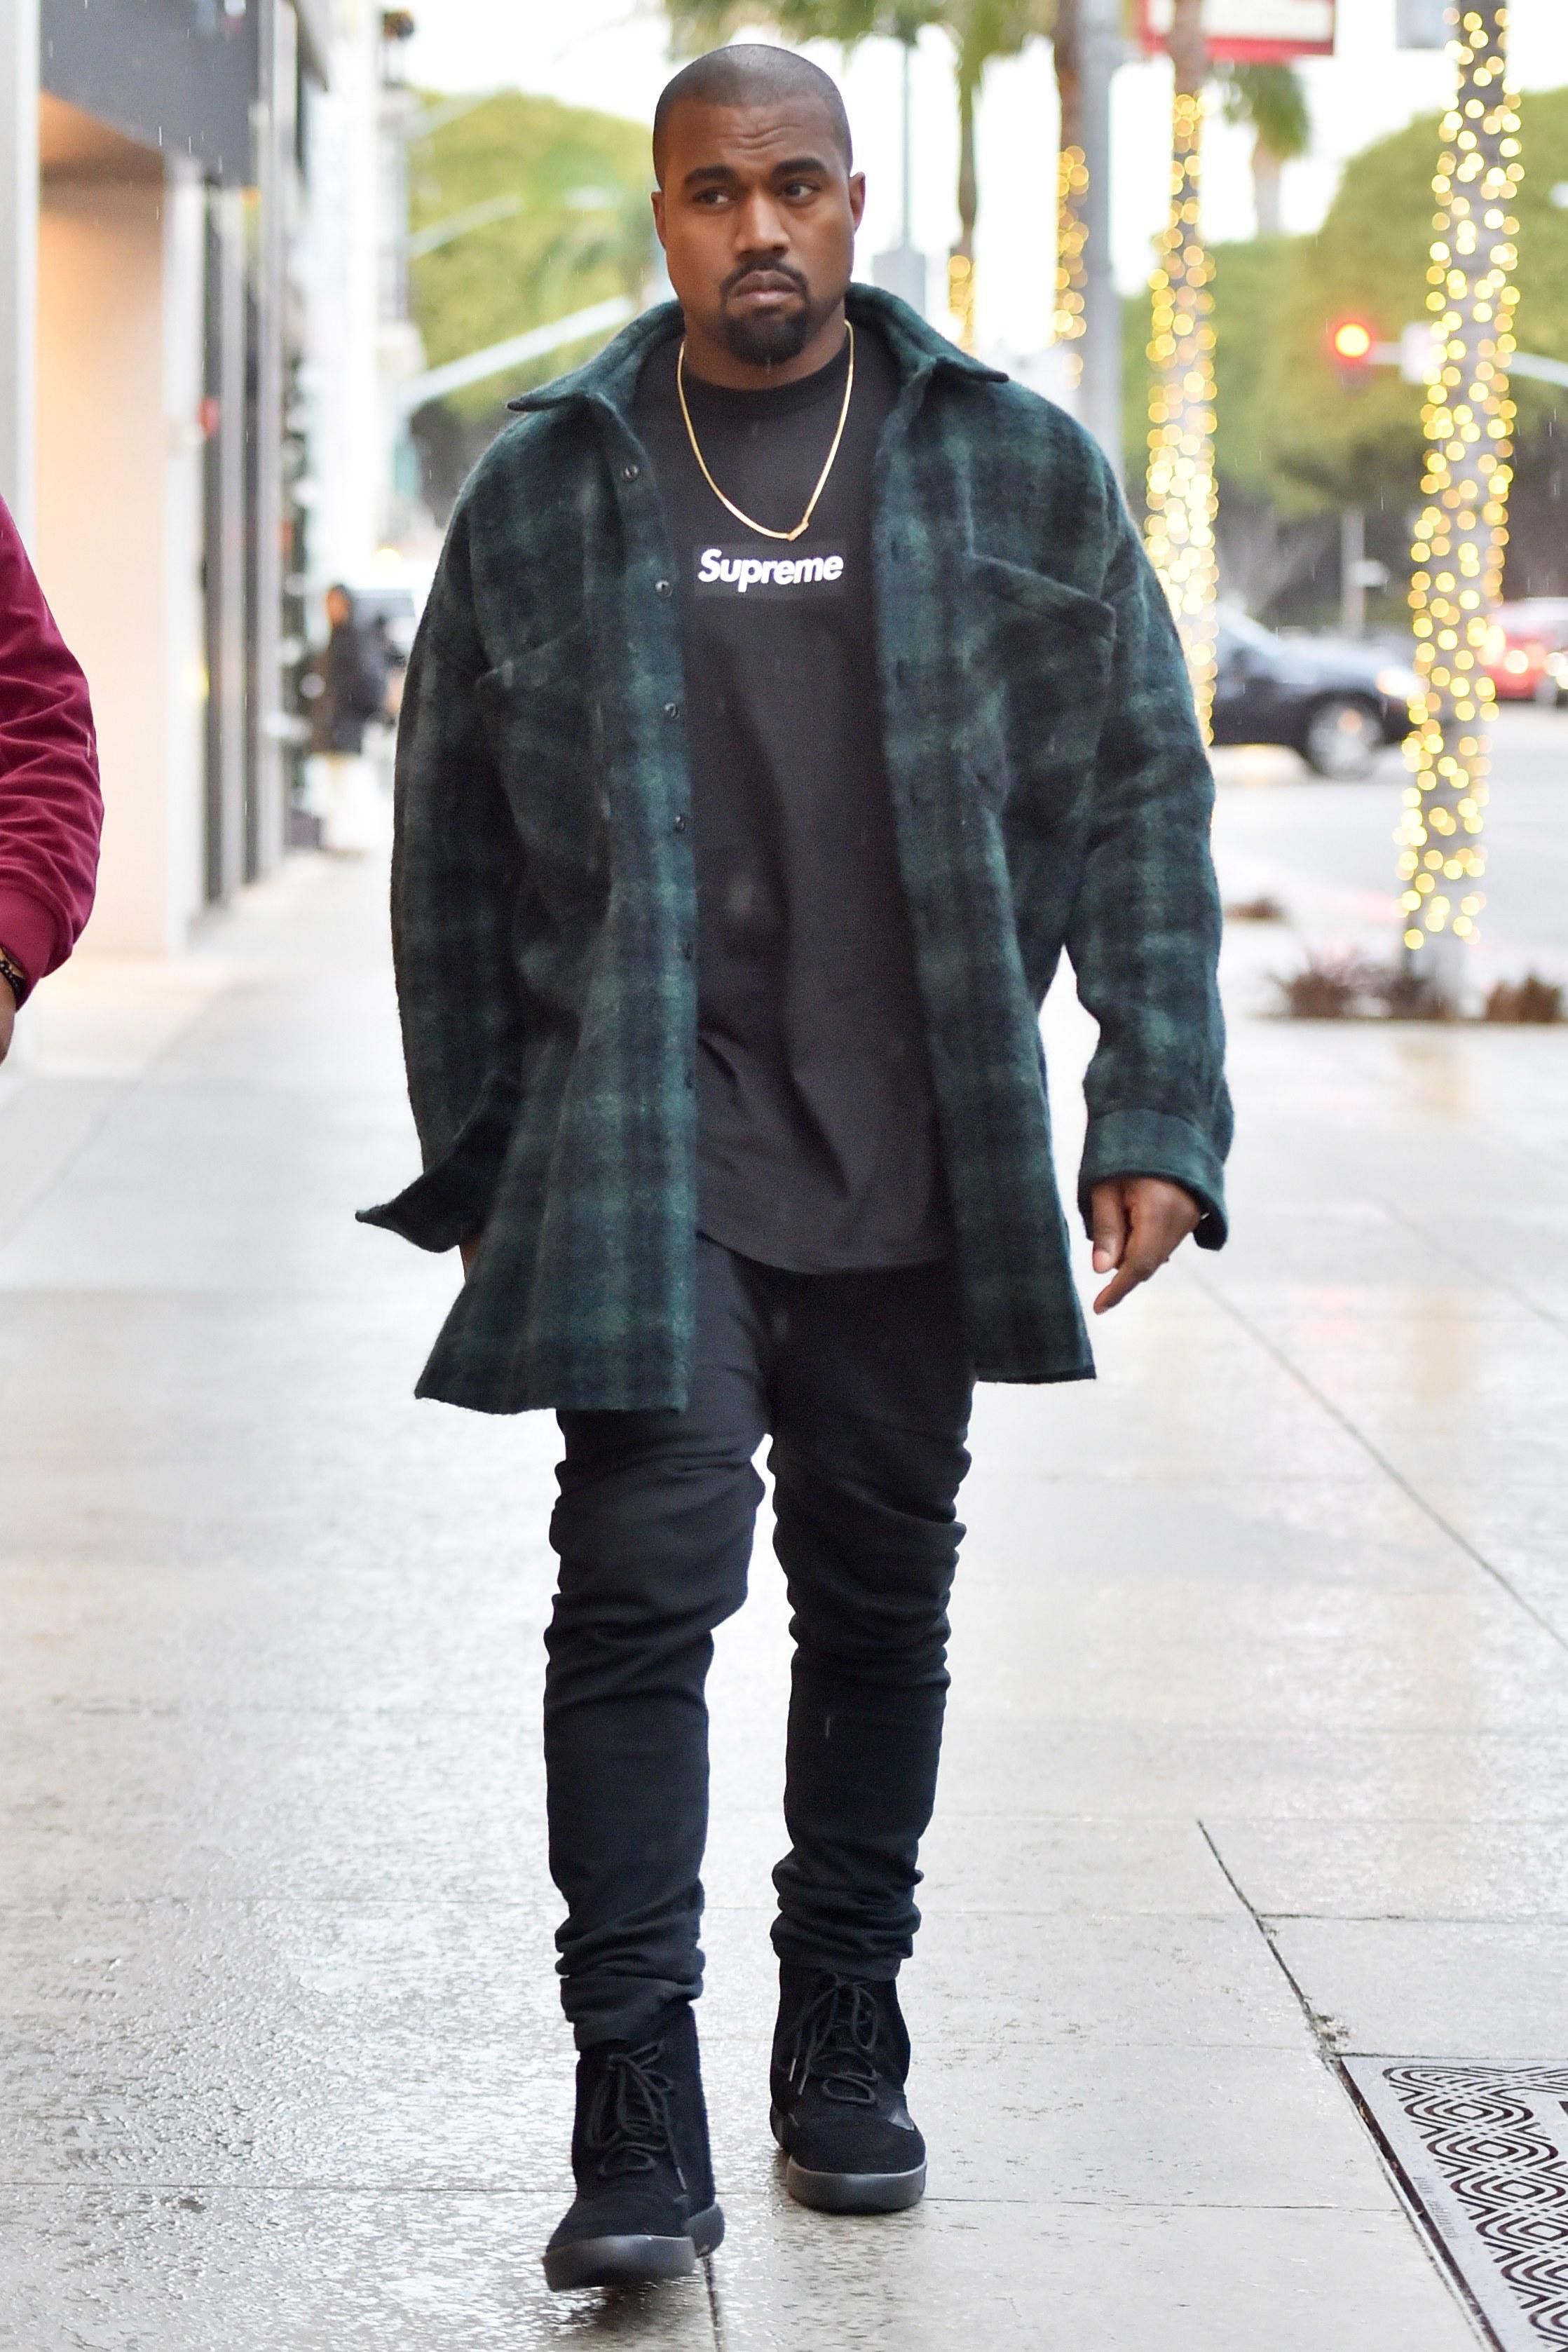 Kanye-West-Style-2015-12-19-15.jpg